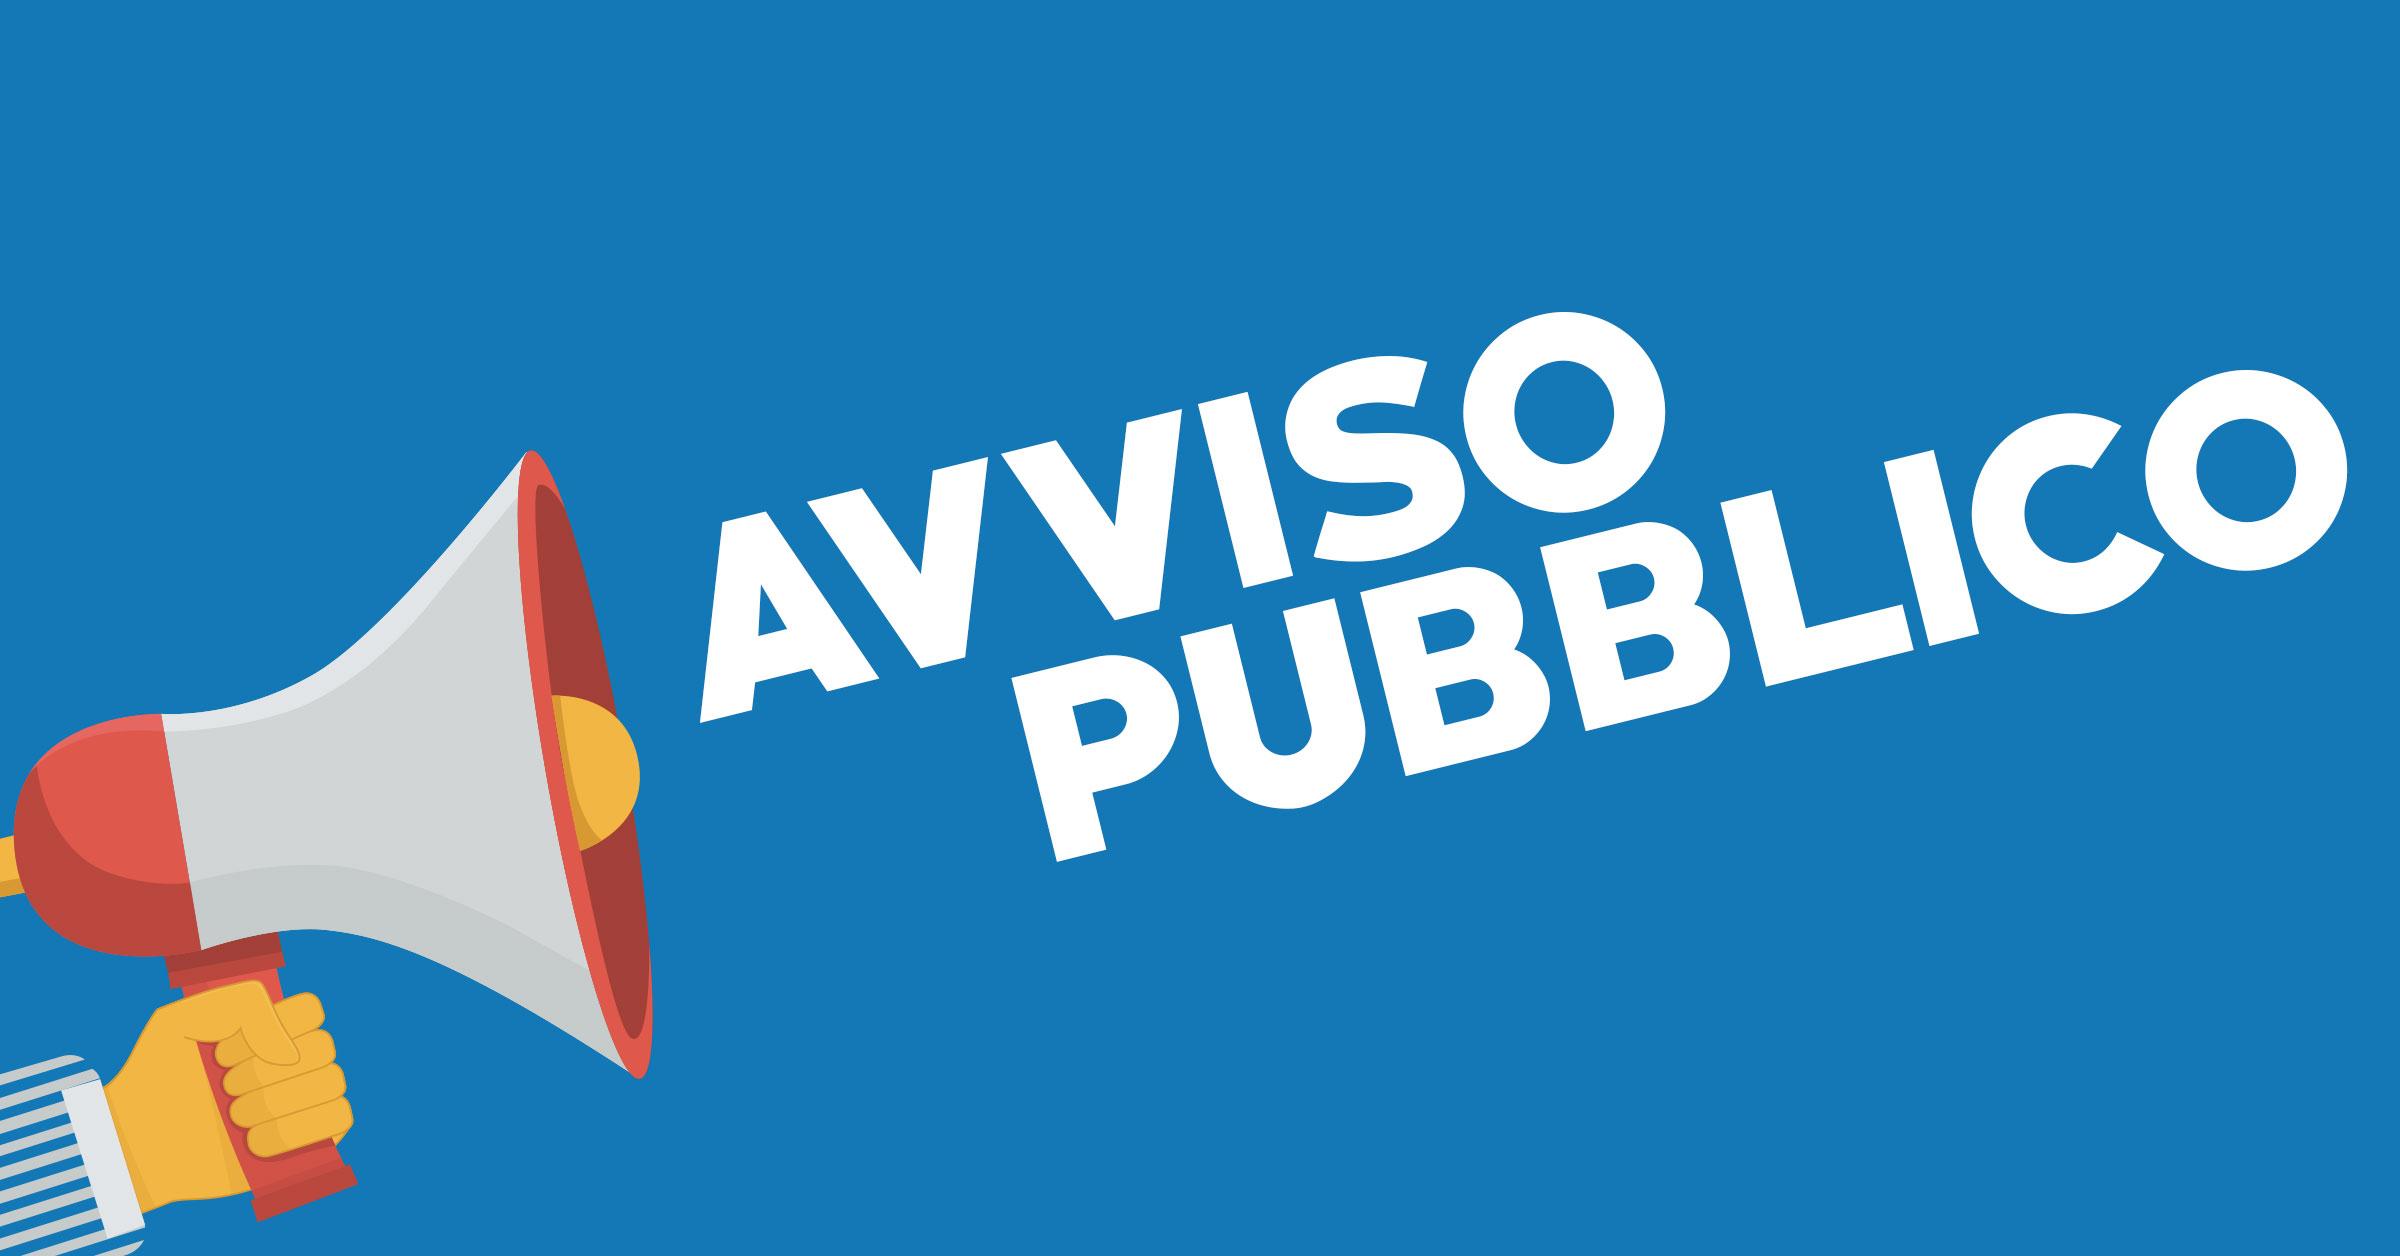 """AVVISO PUBBLICO PER MANIFESTAZIONE DI INTERESSE ALL'AFFIDAMENTO DEL SERVIZIO DI PULIZIA E SORVEGLIANZA DELLA PALESTRA, DEGLI SPOGLIATOI E DELL'AULA MAGNA DELLA SCUOLA SECONDARIA DI PRIMO GRADO """"A. FLEMING"""""""